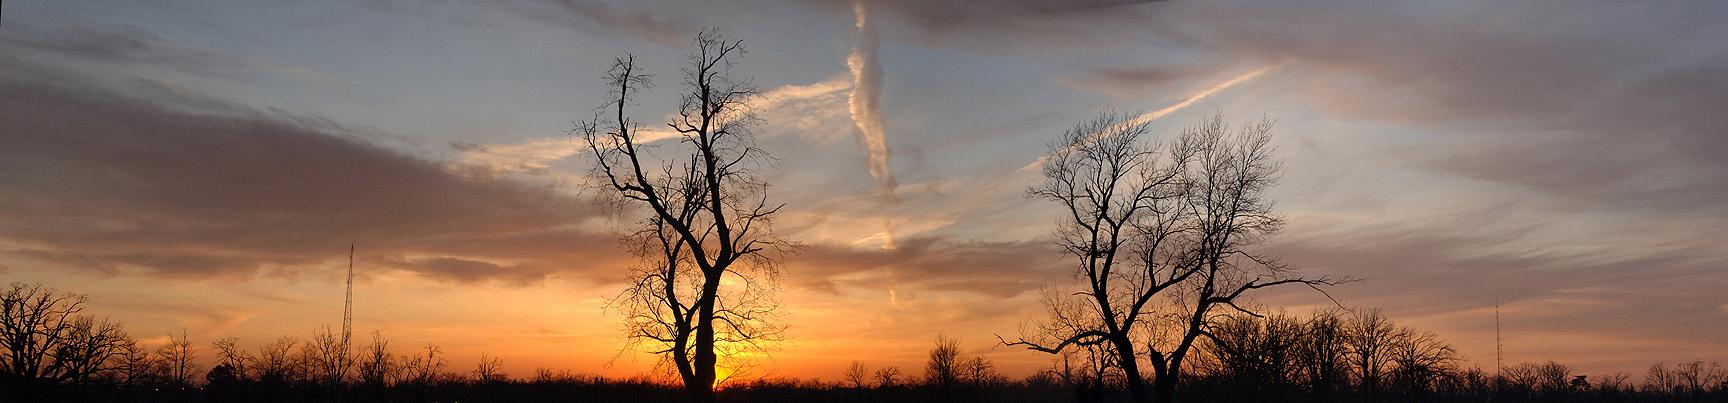 Delaware_Park_sunset_01.jpg